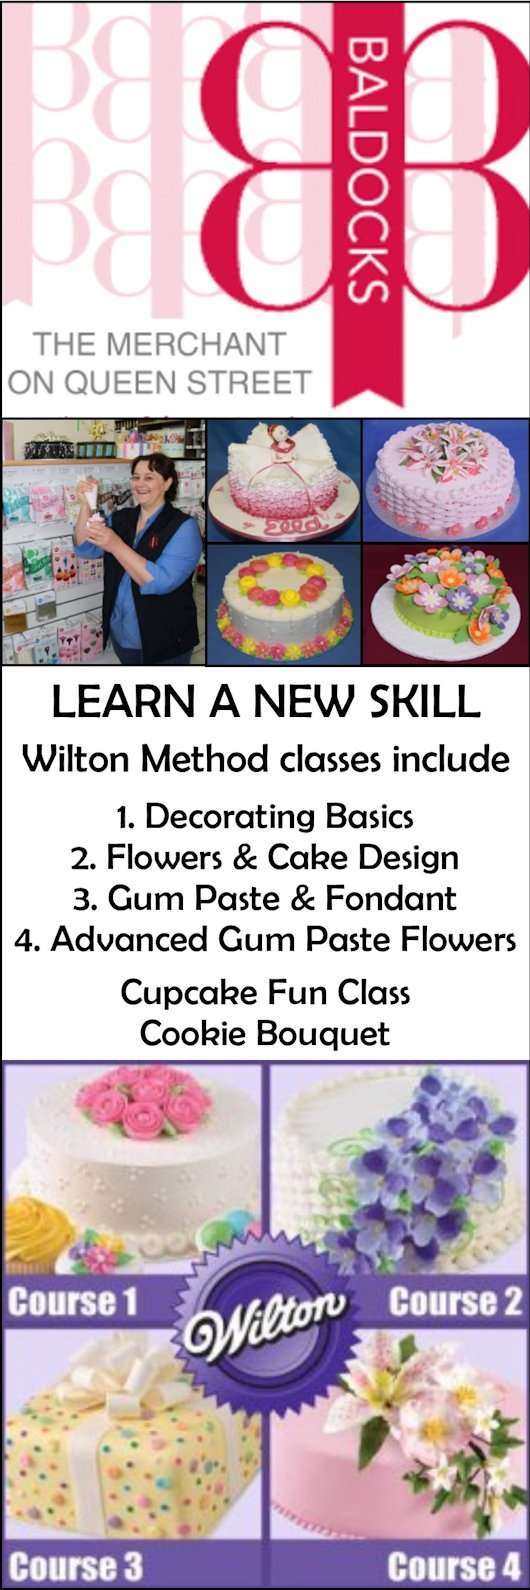 Baldocks cake decorators decorating classes 63 queen st adelaide baldocks promotion junglespirit Images